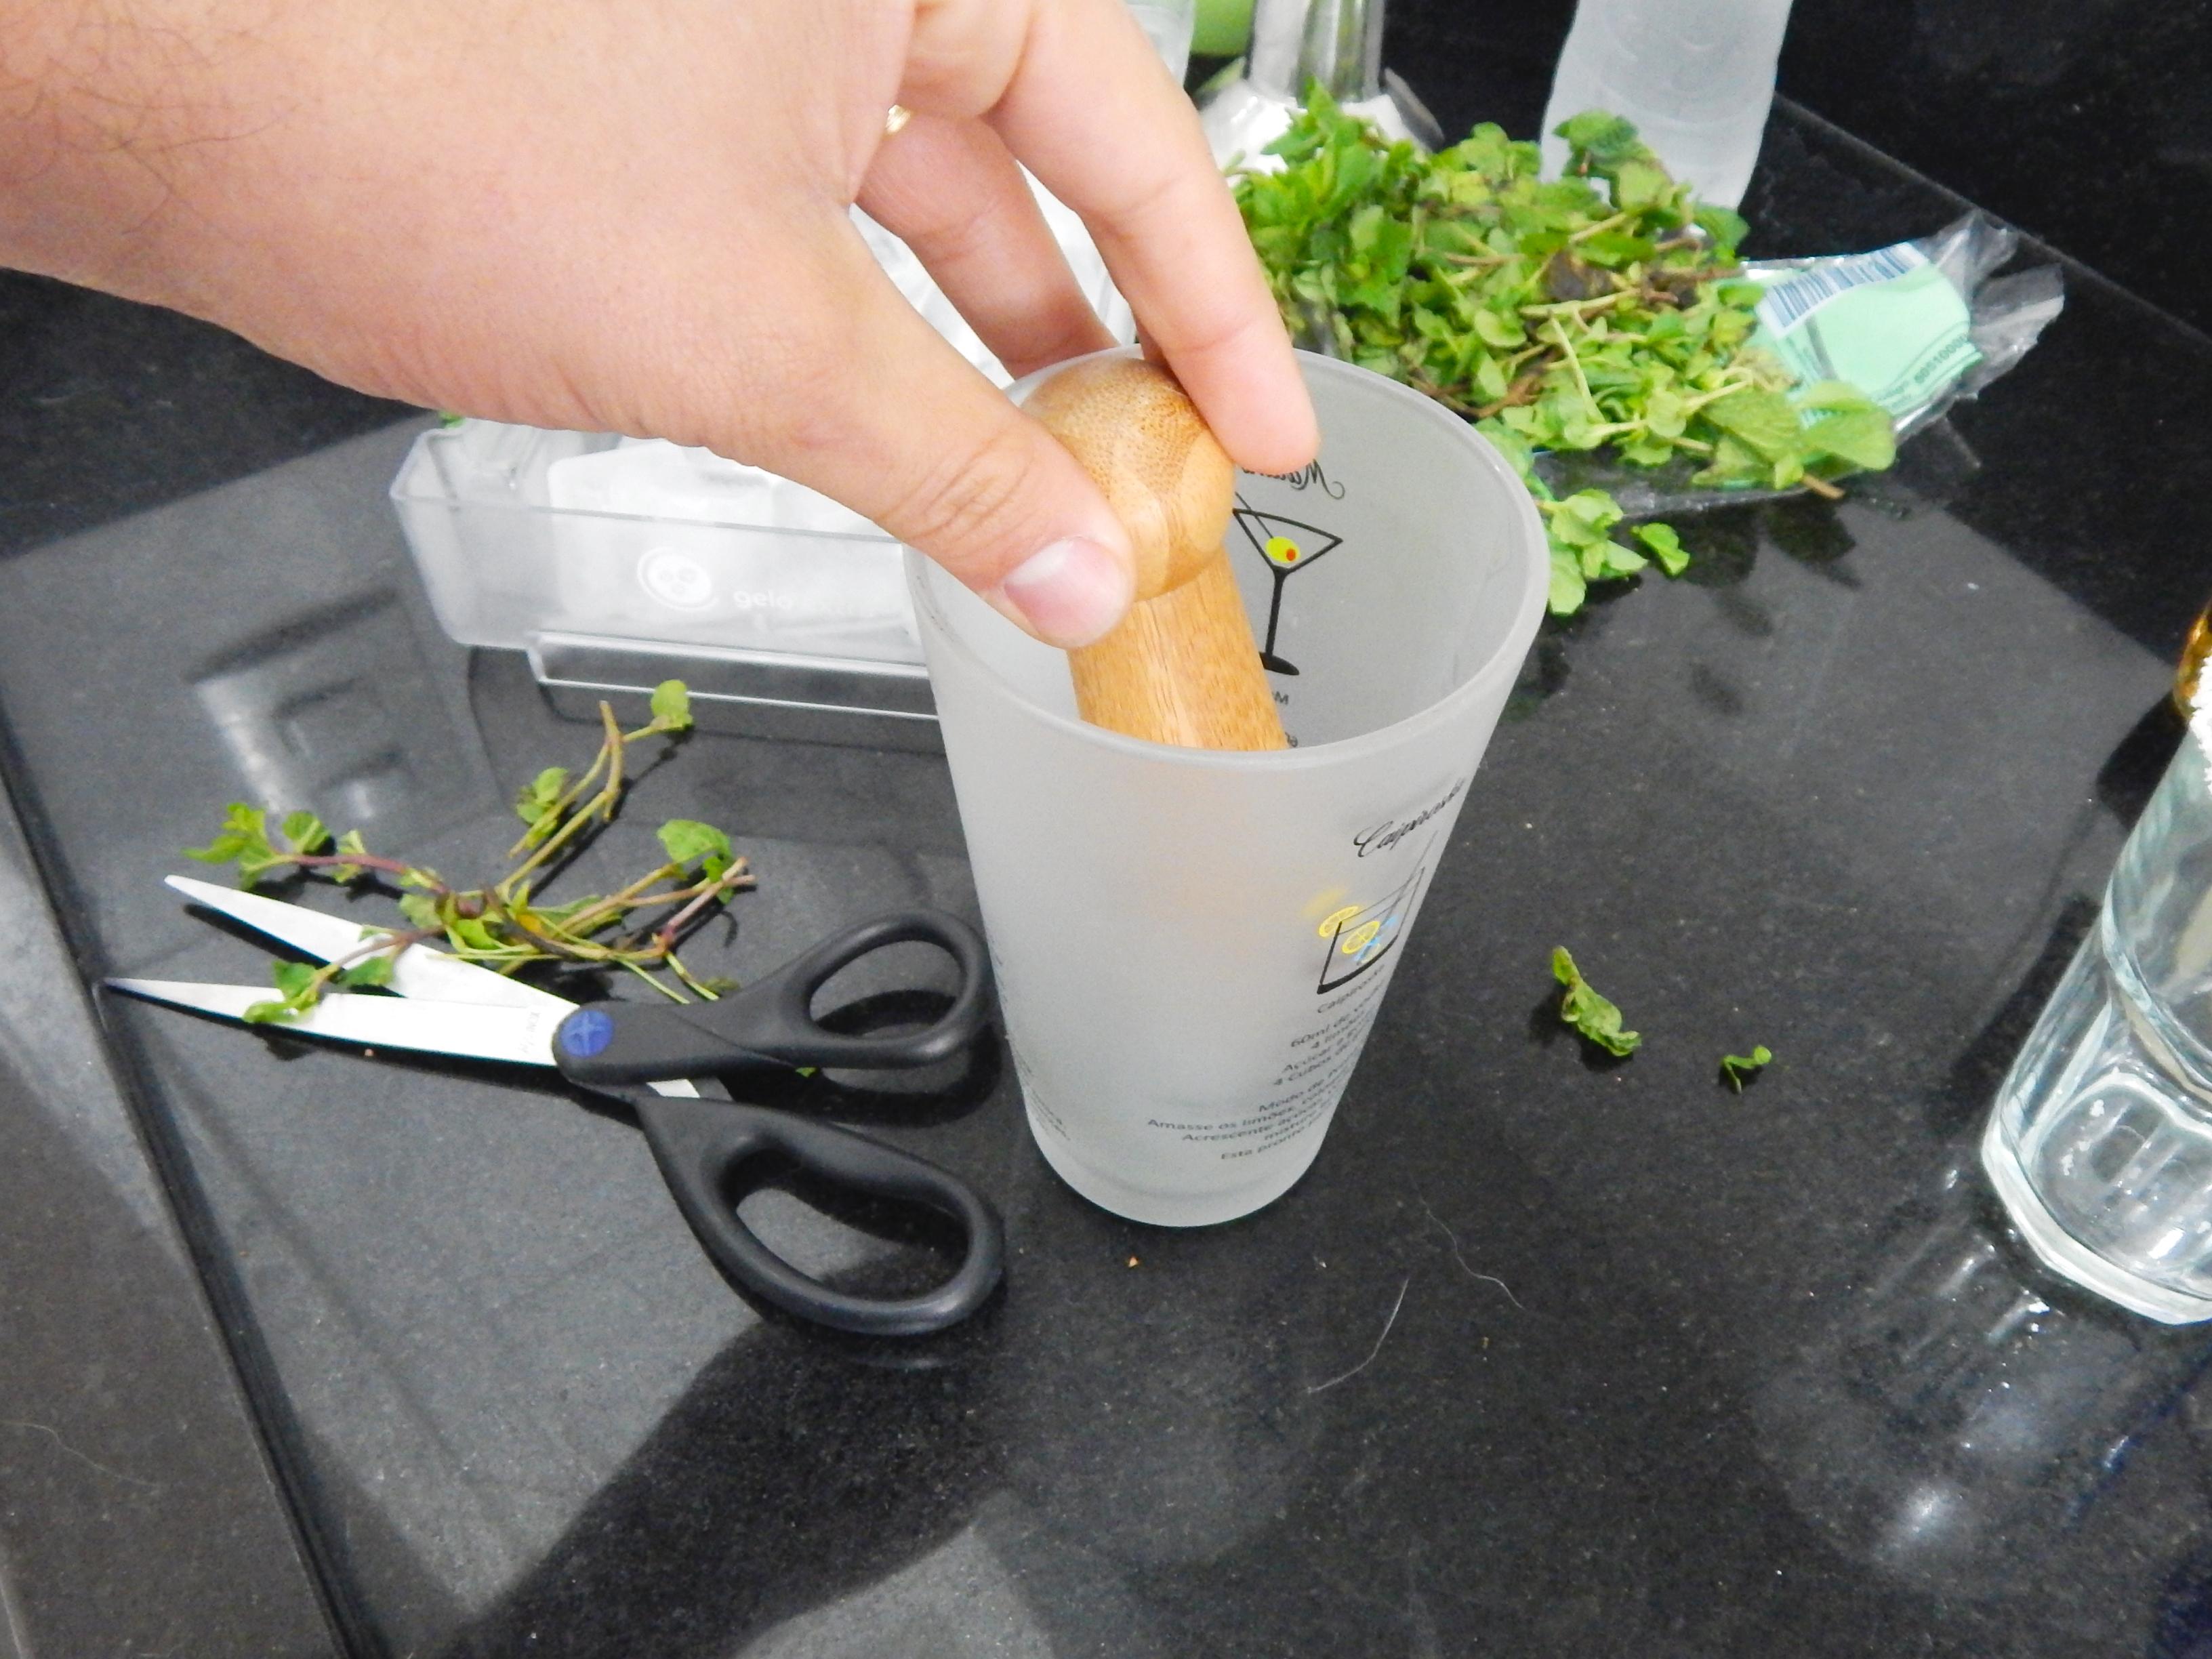 misture-ingredientes-massare-coqueteleira-receita-drink-mojito-na-cozinha-sozinho